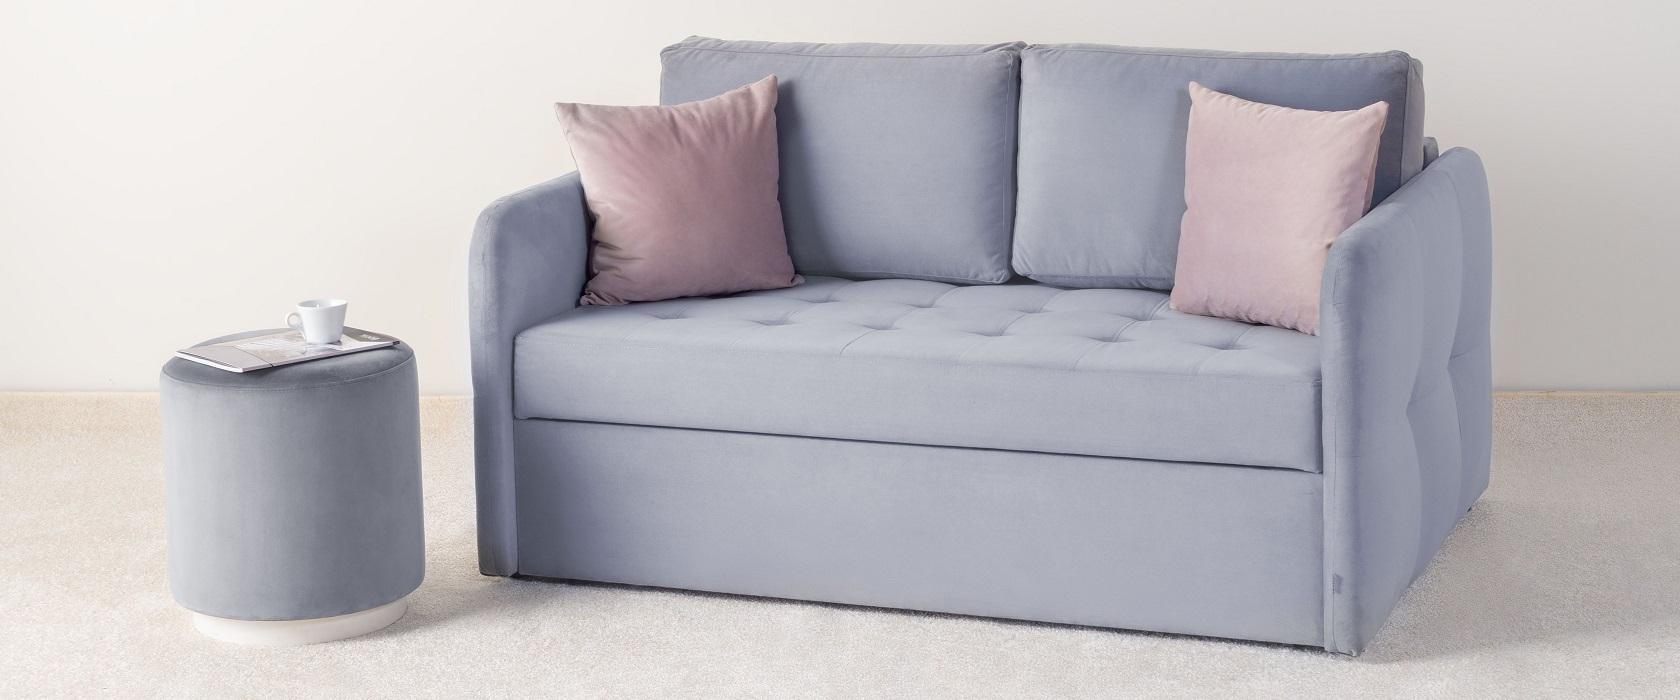 Двомісній диван Gracia - Фото 2 - Pufetto